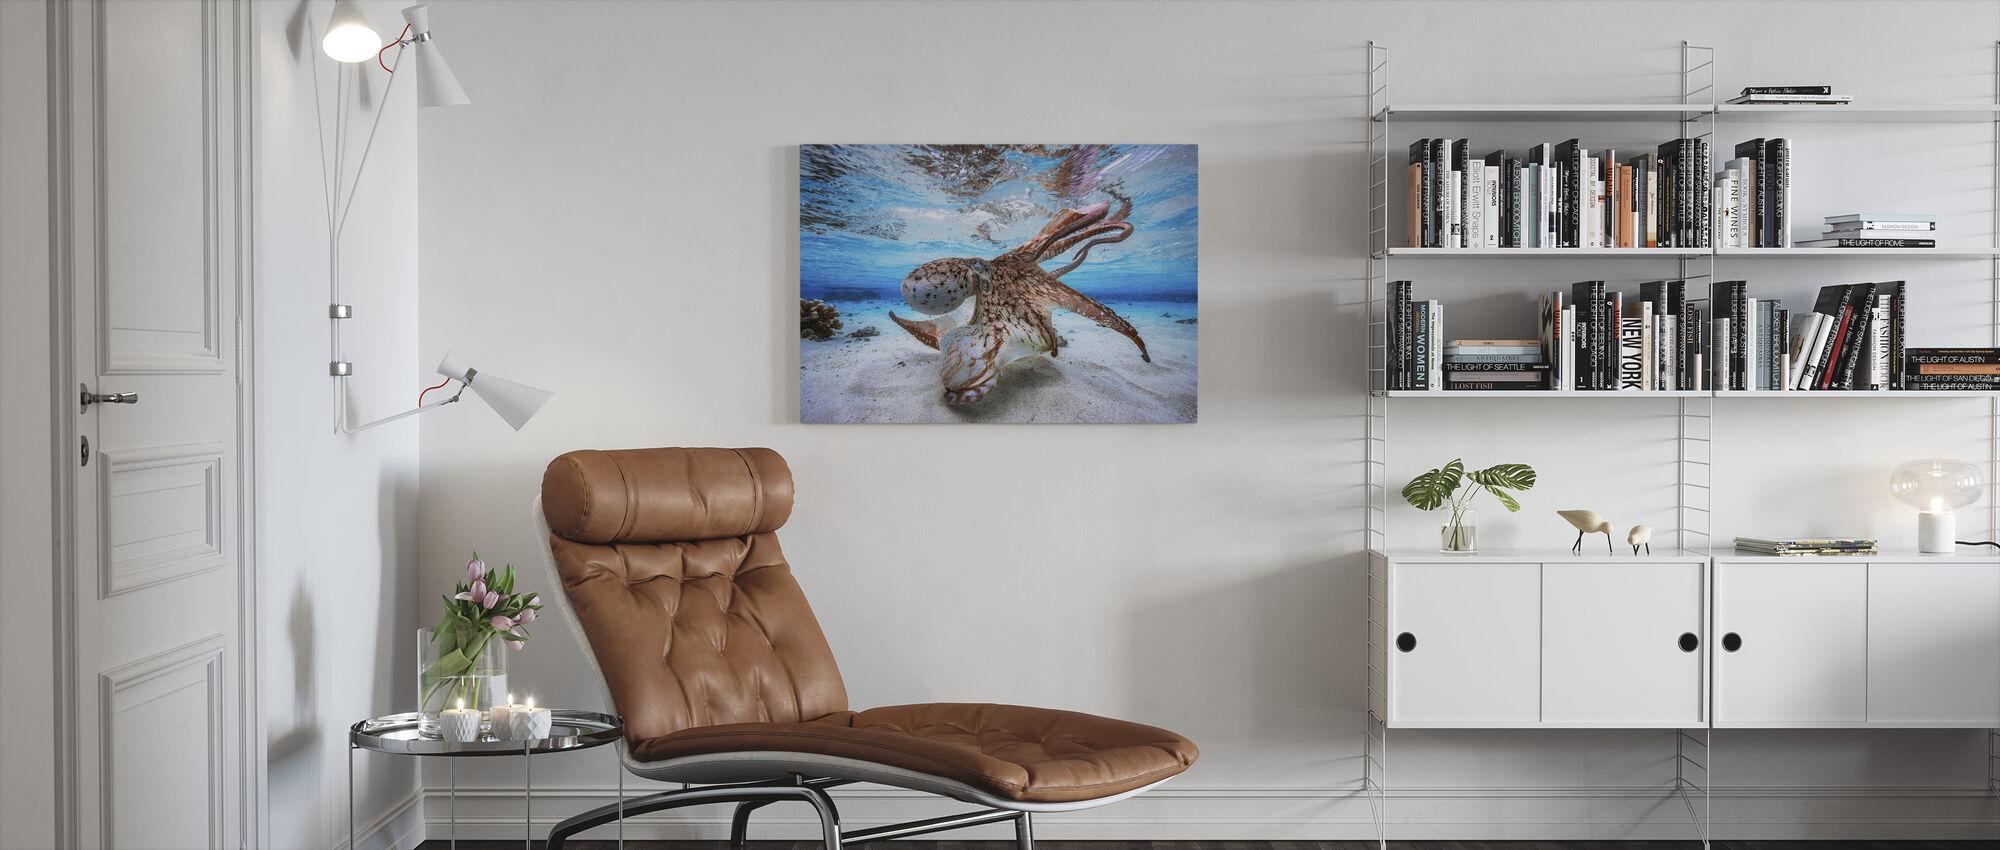 Tanzender Krake - Leinwandbild - Wohnzimmer